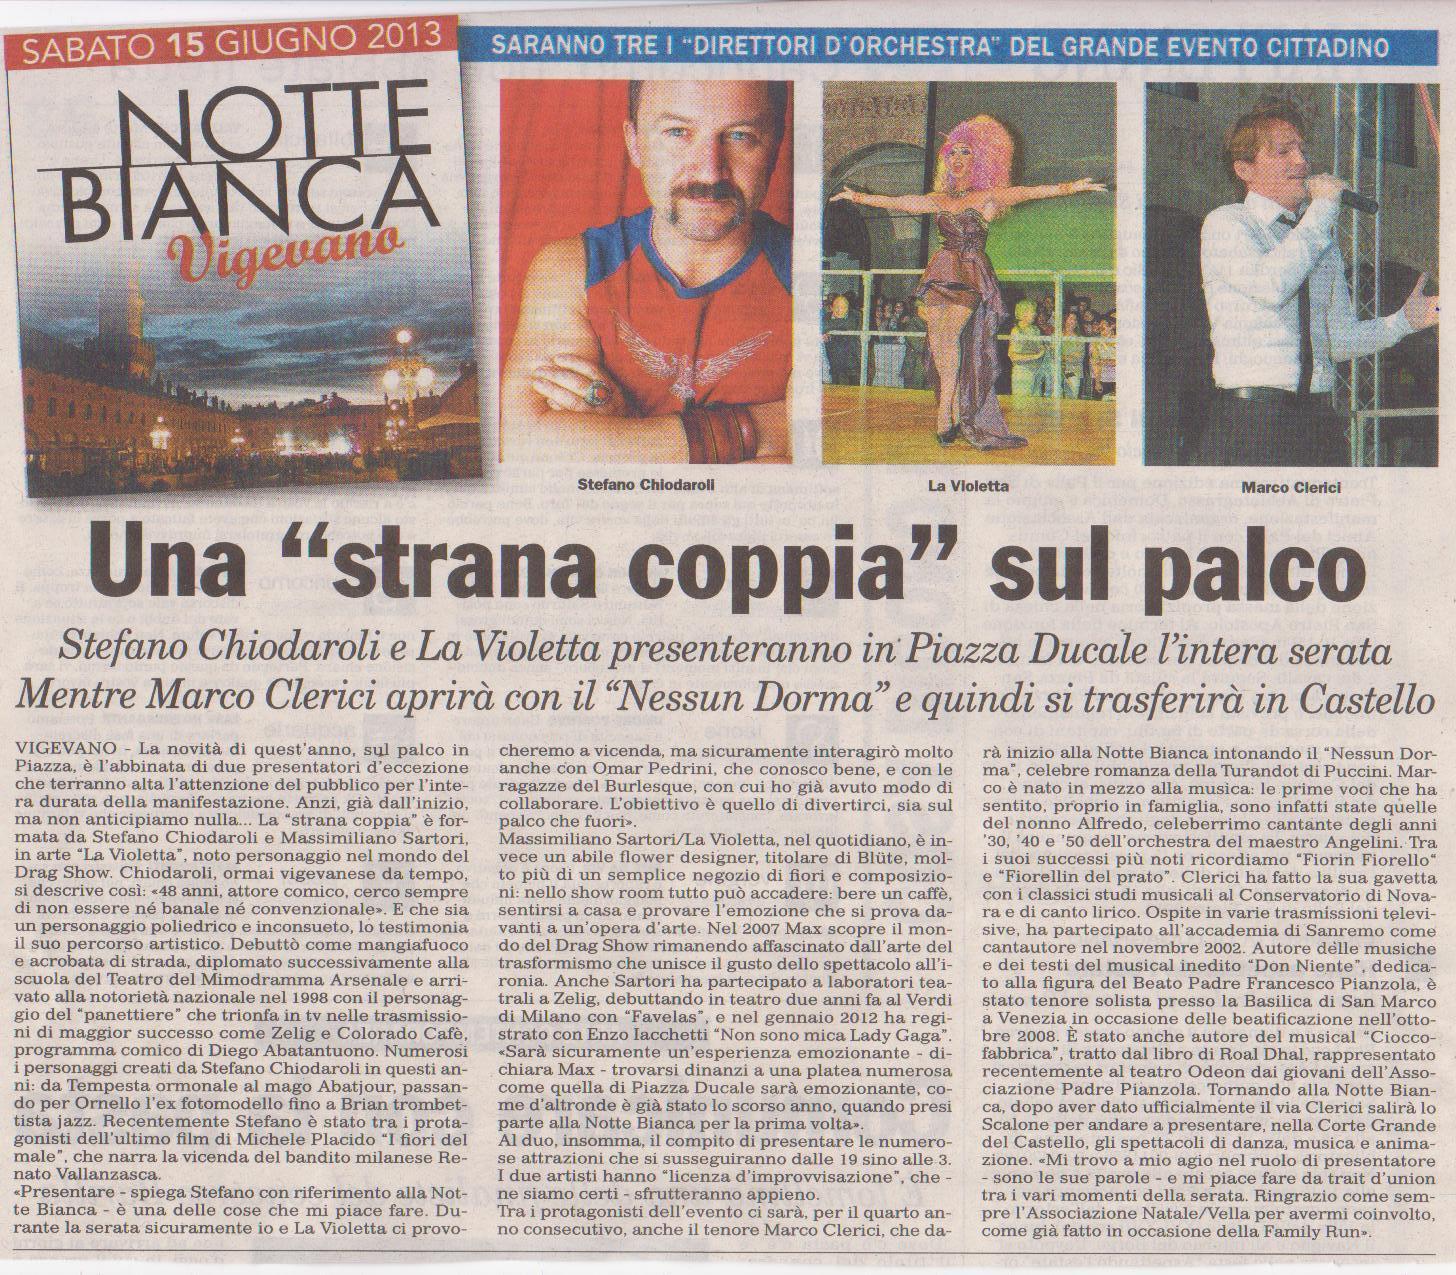 Stefano Chiodaroli, Violetta e Marco Clerici per la notte bianca 2013